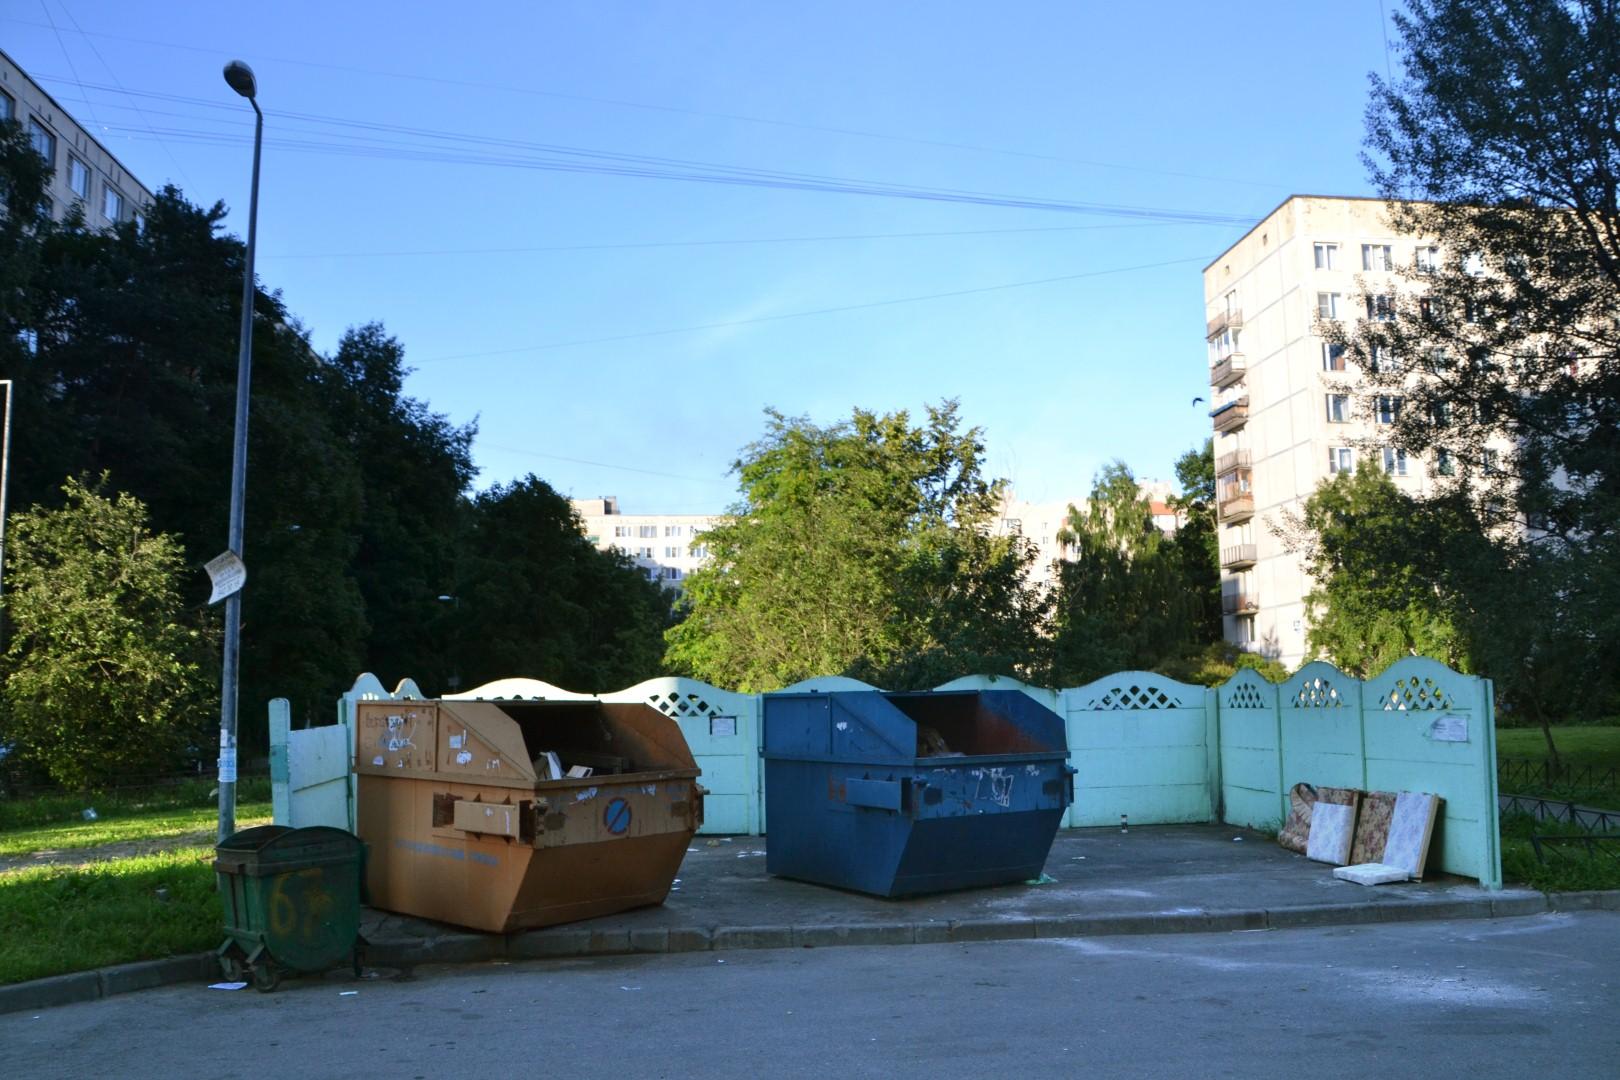 Одна из помоек, стоящая напротив окон жилого дома.